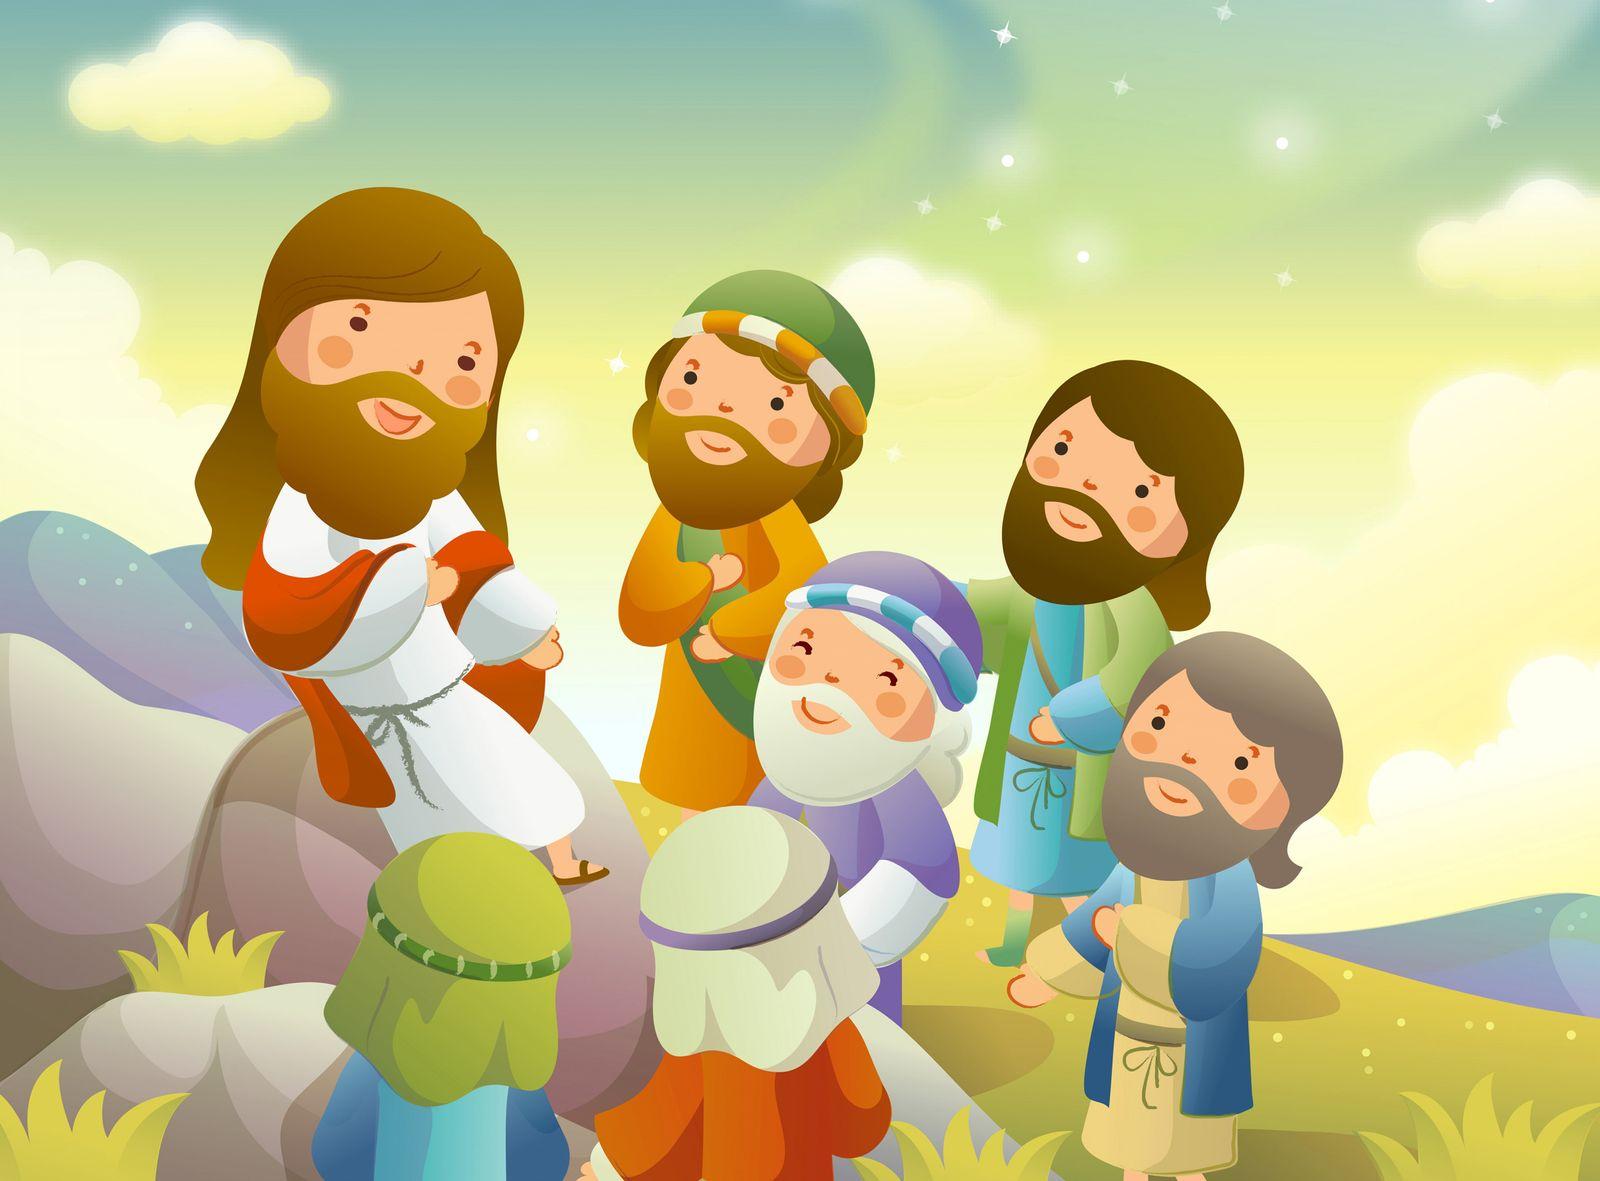 NICHT MEHR VERWENDEN! - Jesus/ Urheberrecht